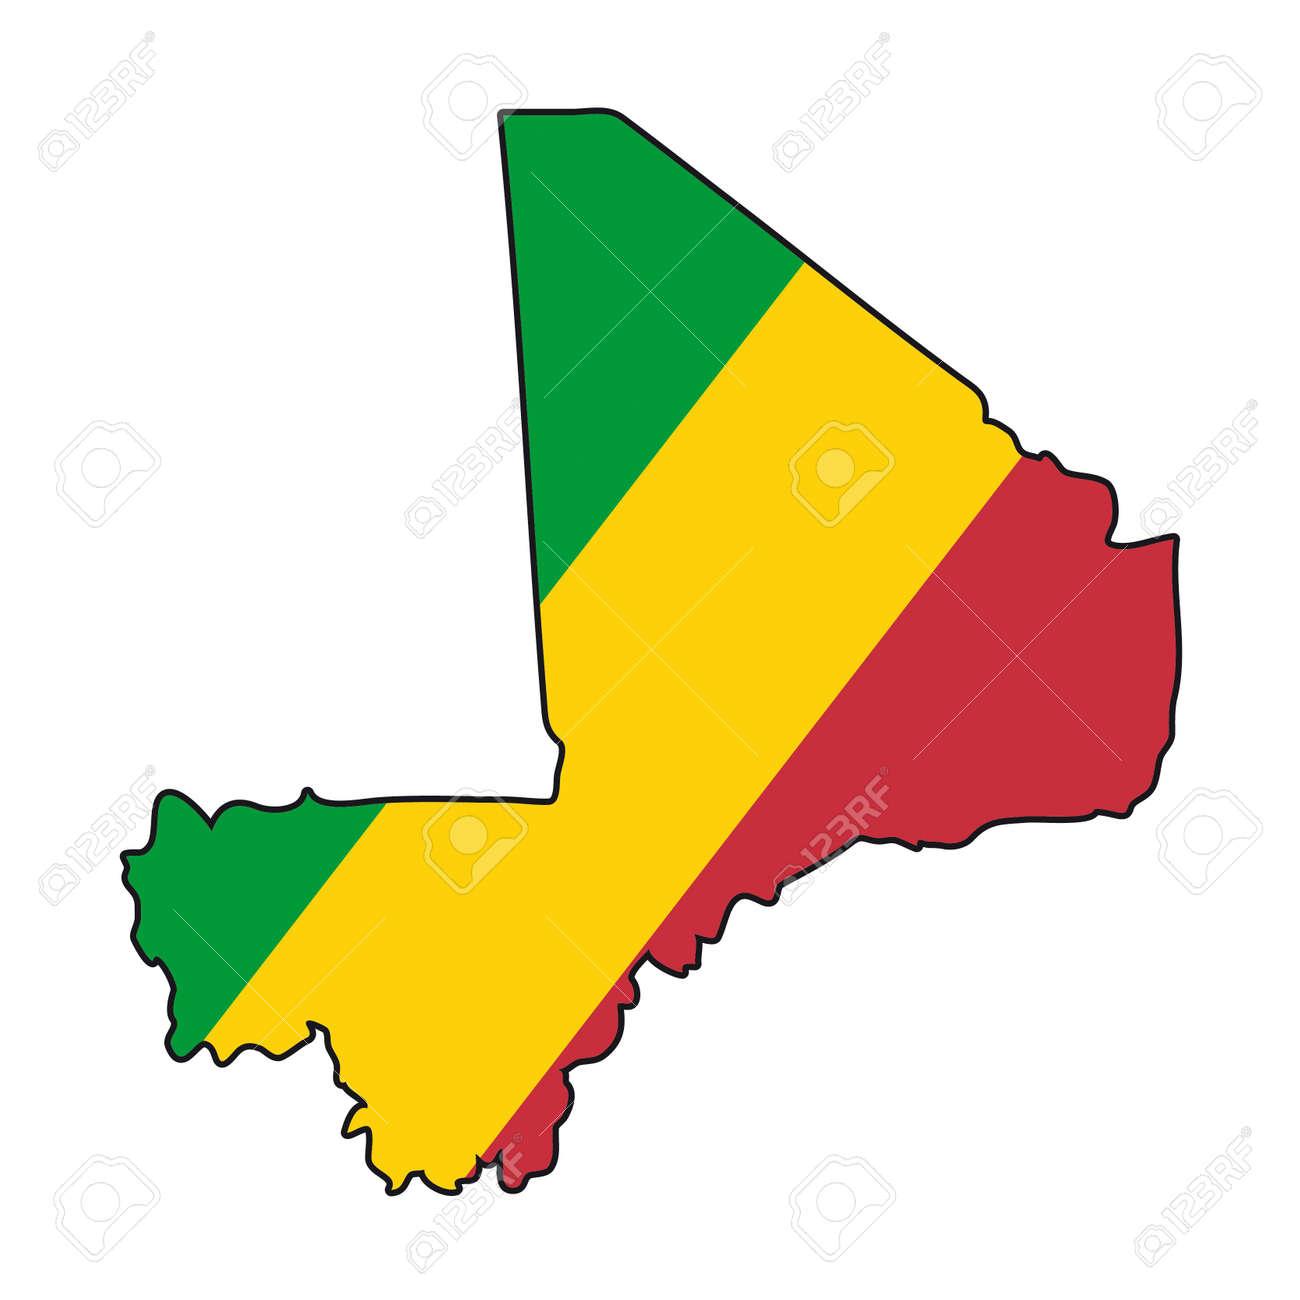 Map Flag Mali Royalty Free Cliparts Vectors And Stock - Mali map